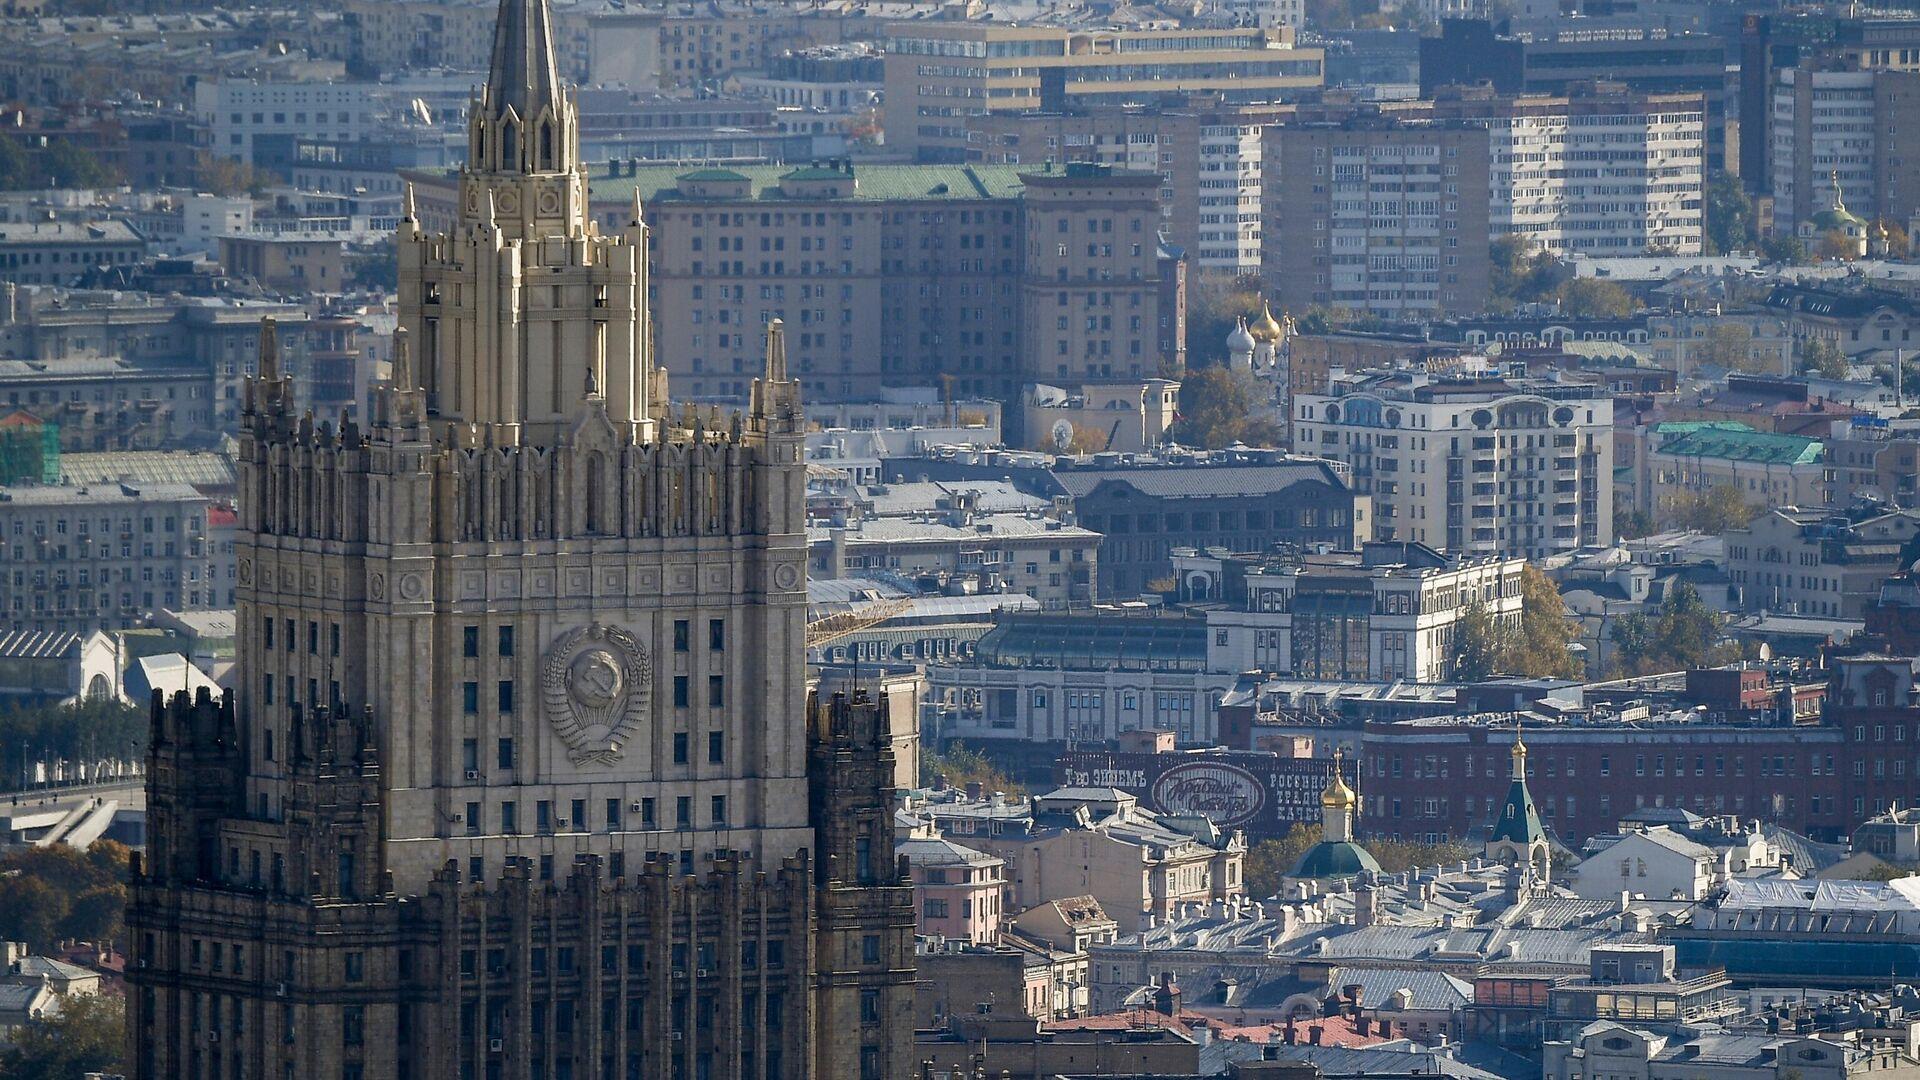 Zgrada Ministarstva spoljnih poslova Rusije - Sputnik Srbija, 1920, 30.09.2021